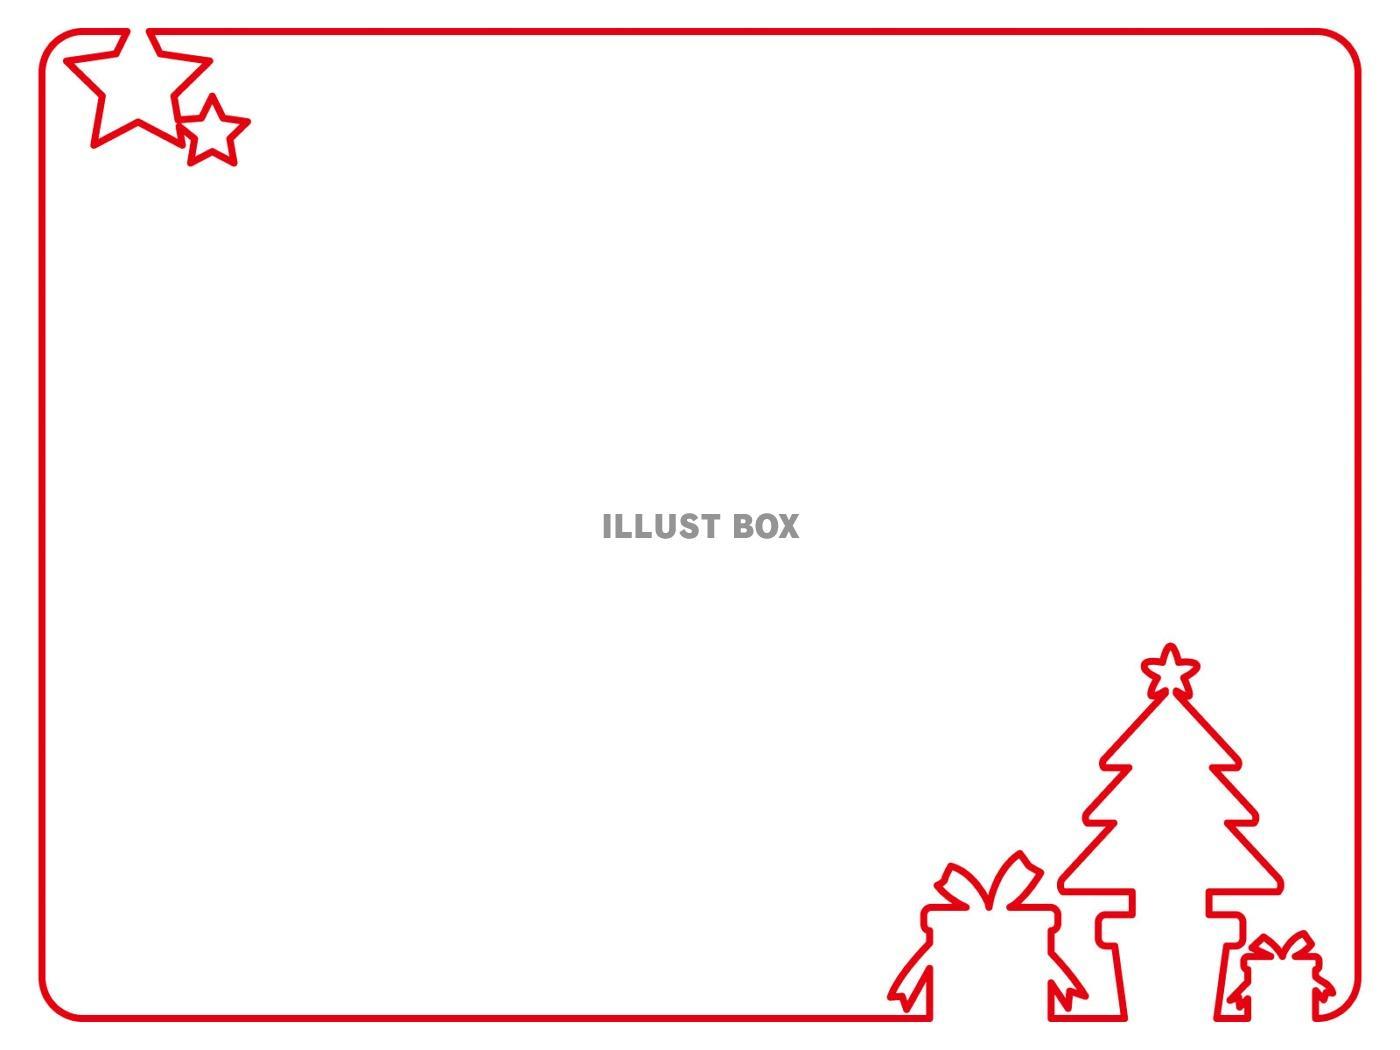 クリスマス イラスト 無料 フレーム 7331 イラス